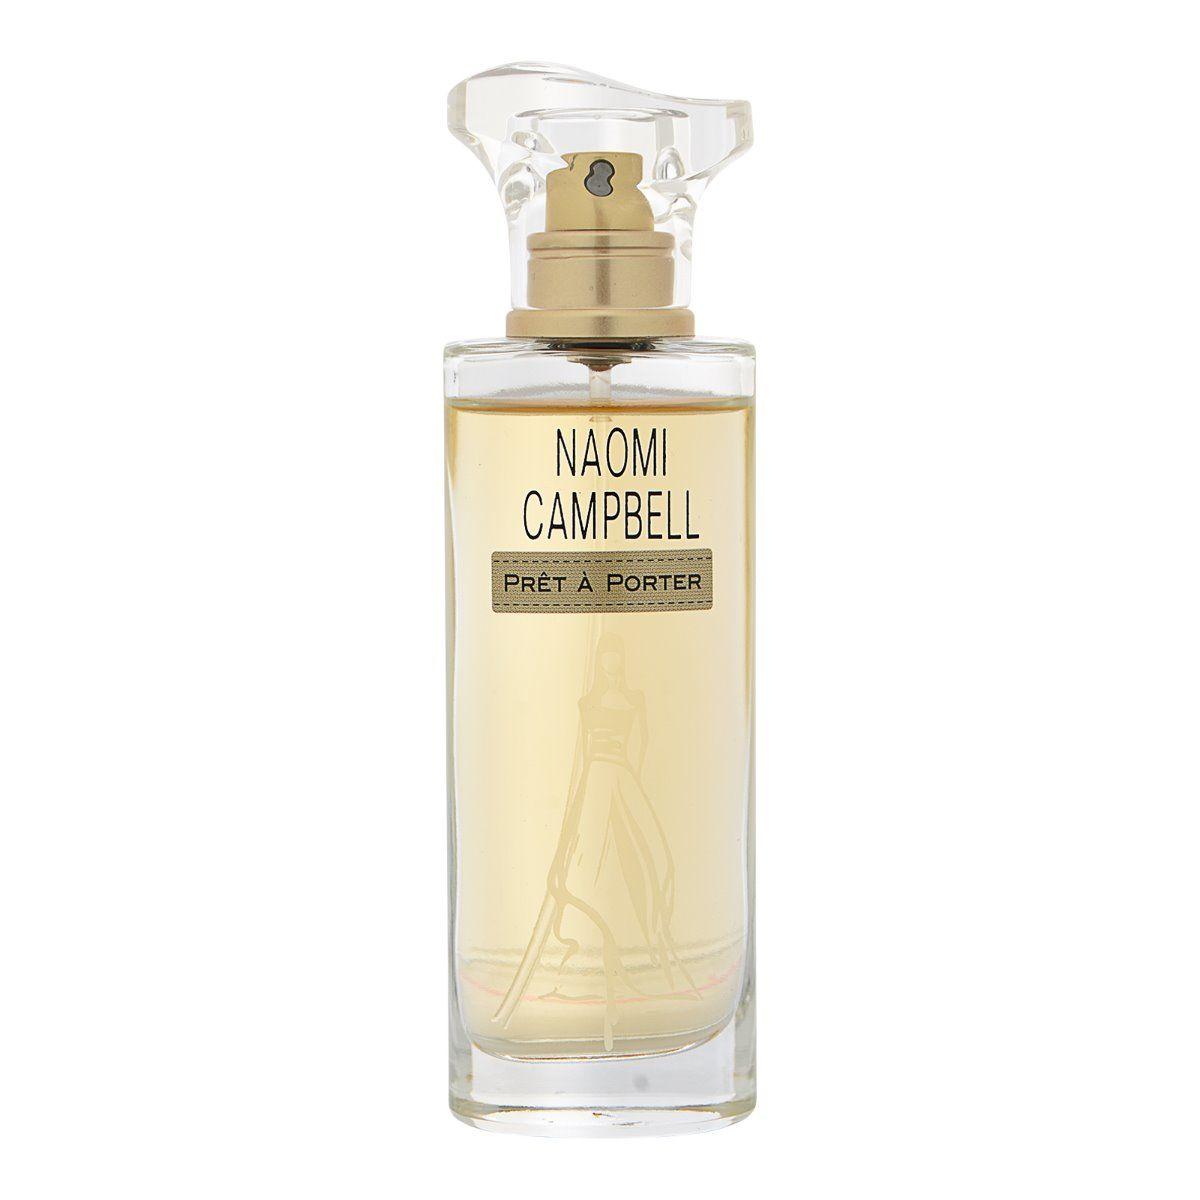 Naomi Campbell Prêt à porter Eau de Toilette 30 ml | OTTO